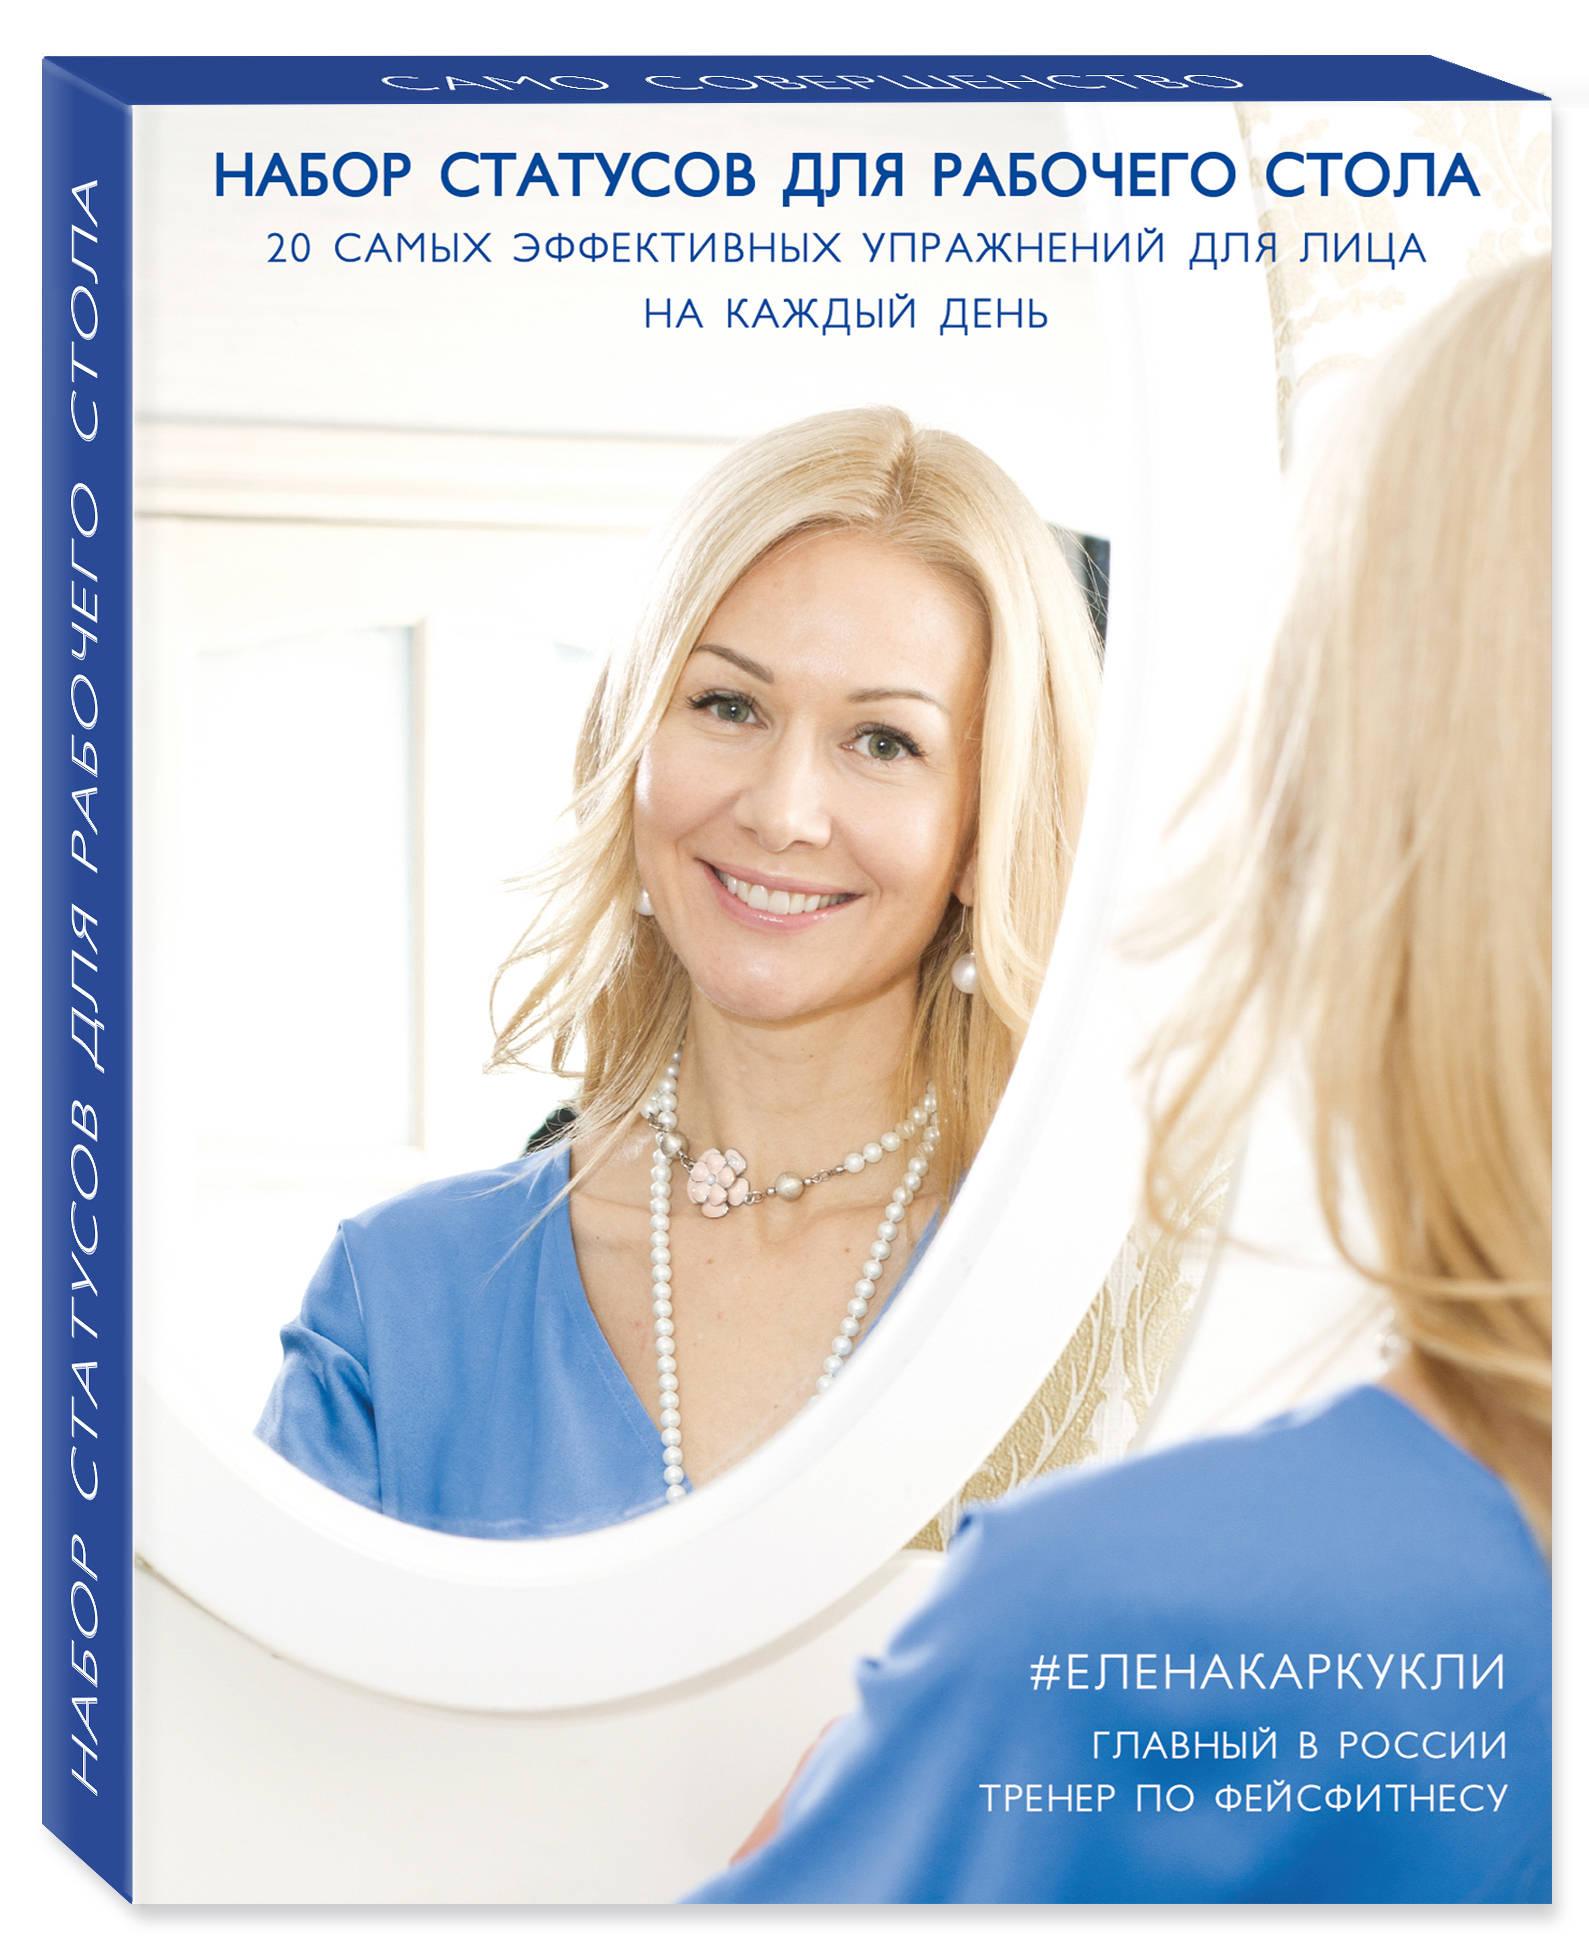 Фото - Е. А. Каркукли Faceday: Набор статусов для рабочего стола. Идеальное лицо (Голубой) каркукли елена александровна баночный самомассаж мгновенный лифтинг эффект faceday